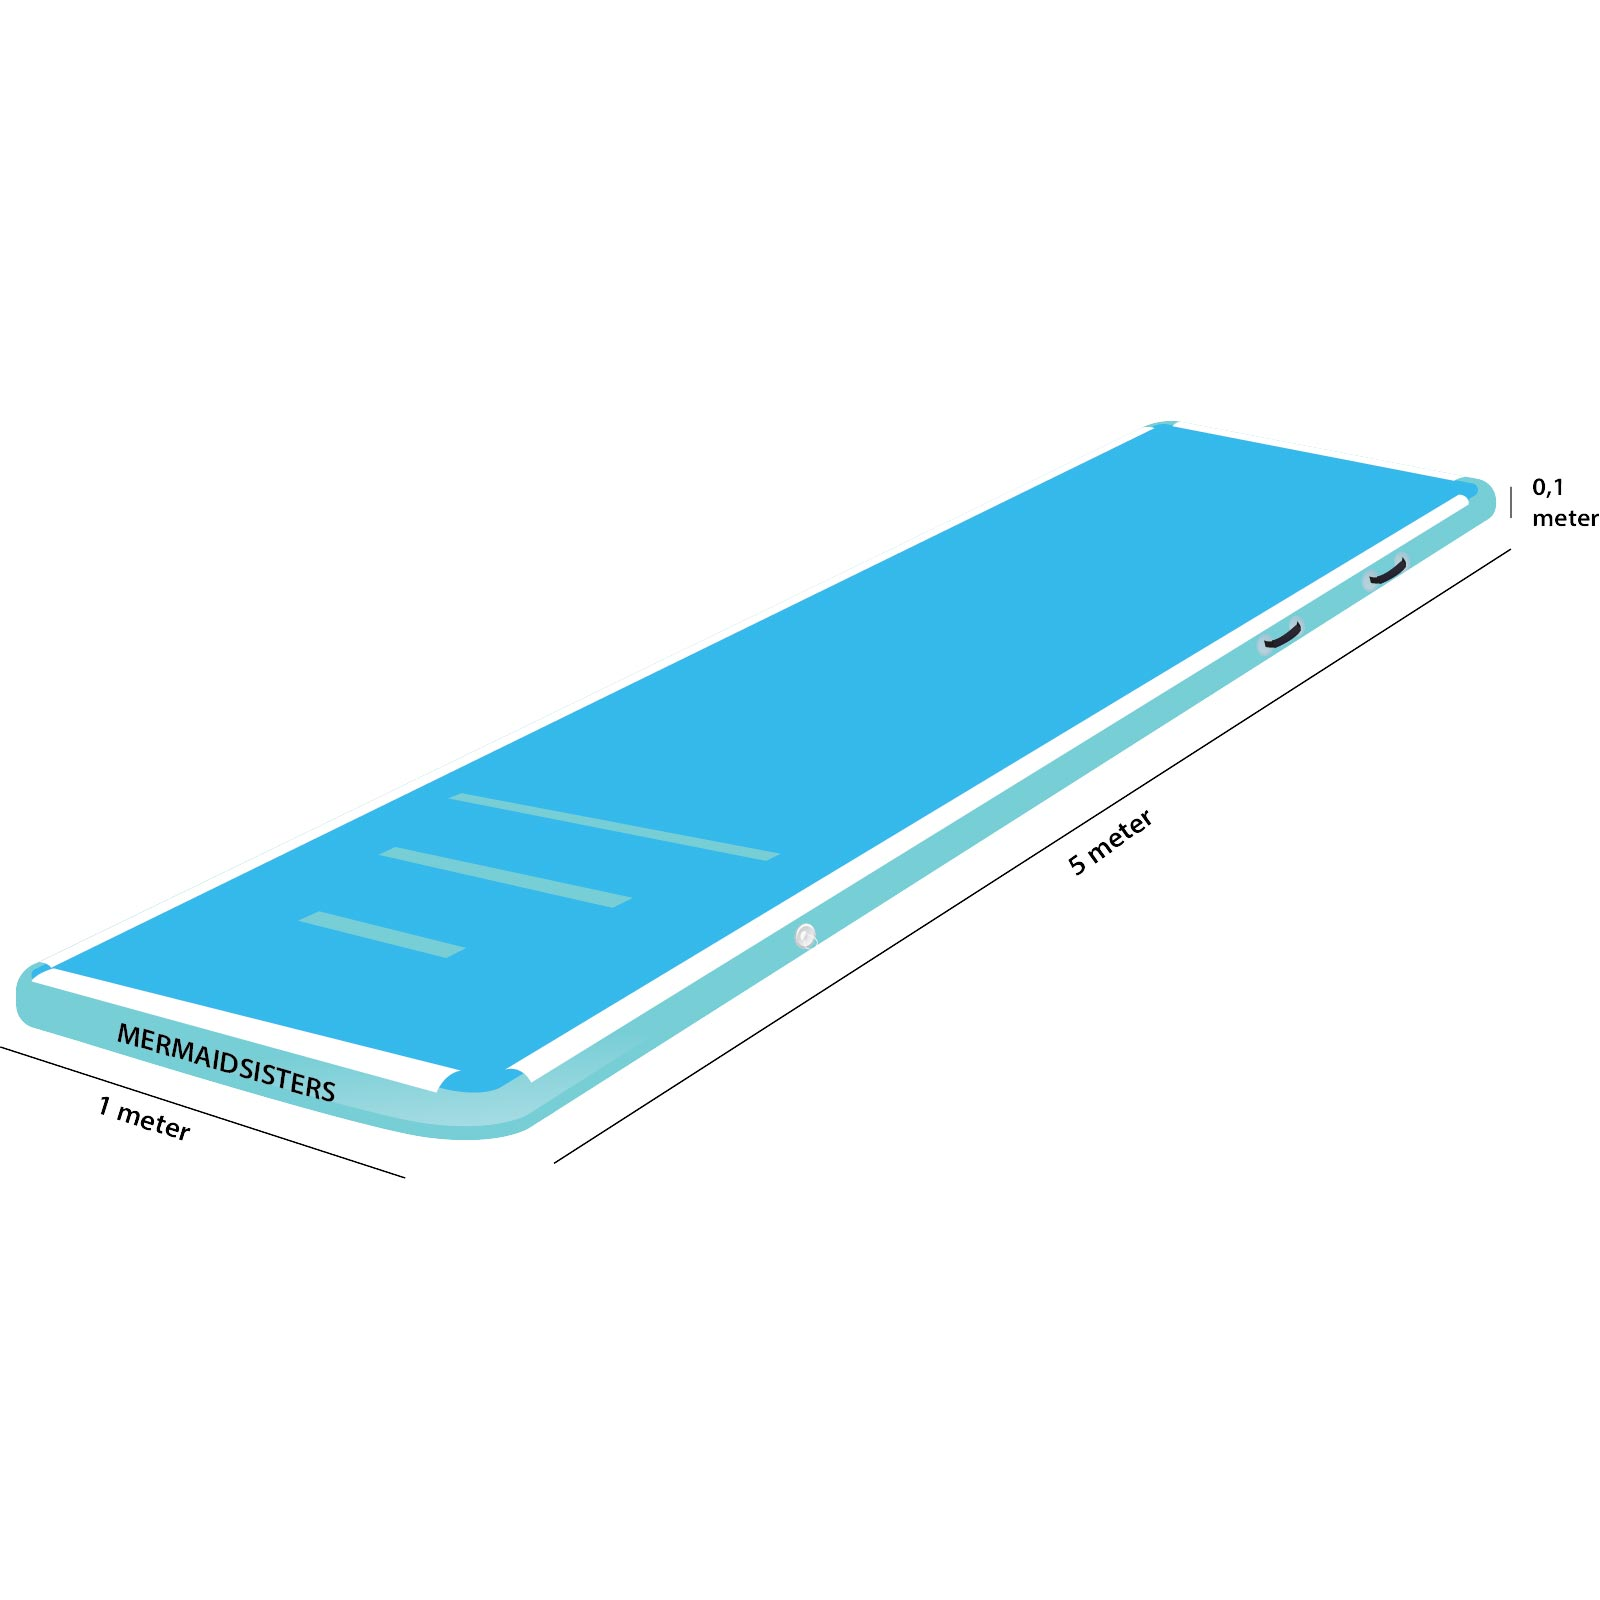 AirTrack 5 meter blauw 1 meter breed 10 cm hoog